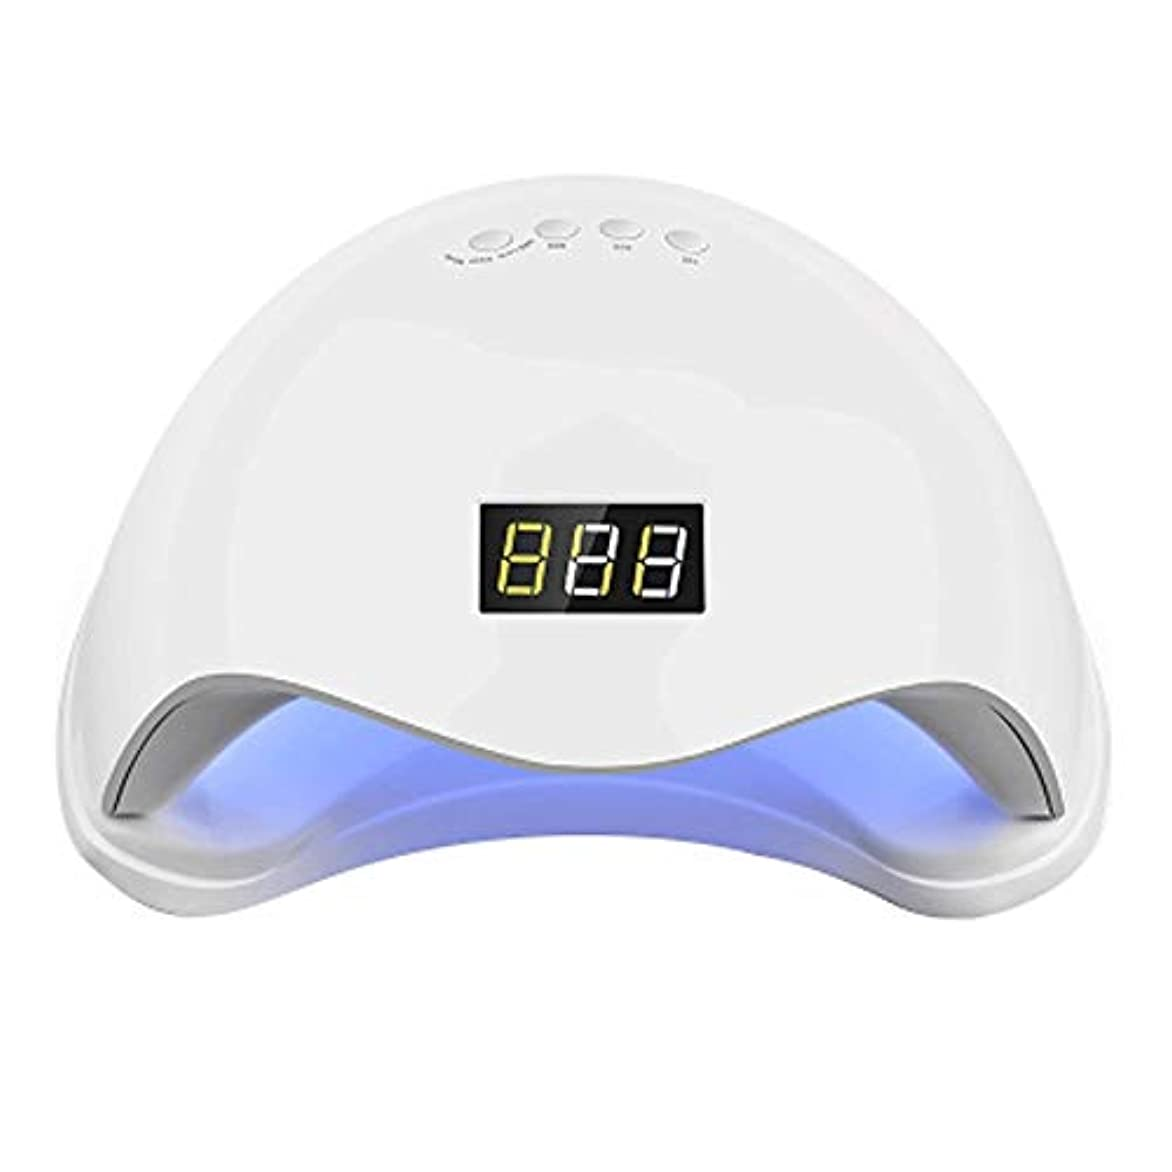 暗殺スナッチのヒープZXCVB 48W UV/LEDネイルドライヤーUVネイル硬化ランプ、10C / 30C / 60C、プロフェッショナルネイルアートでは、家庭やサロンのためにしてネイルランプ硬化36-LEDジェルネイルポリッシュ - 速乾性ジェル用ハンド/フット